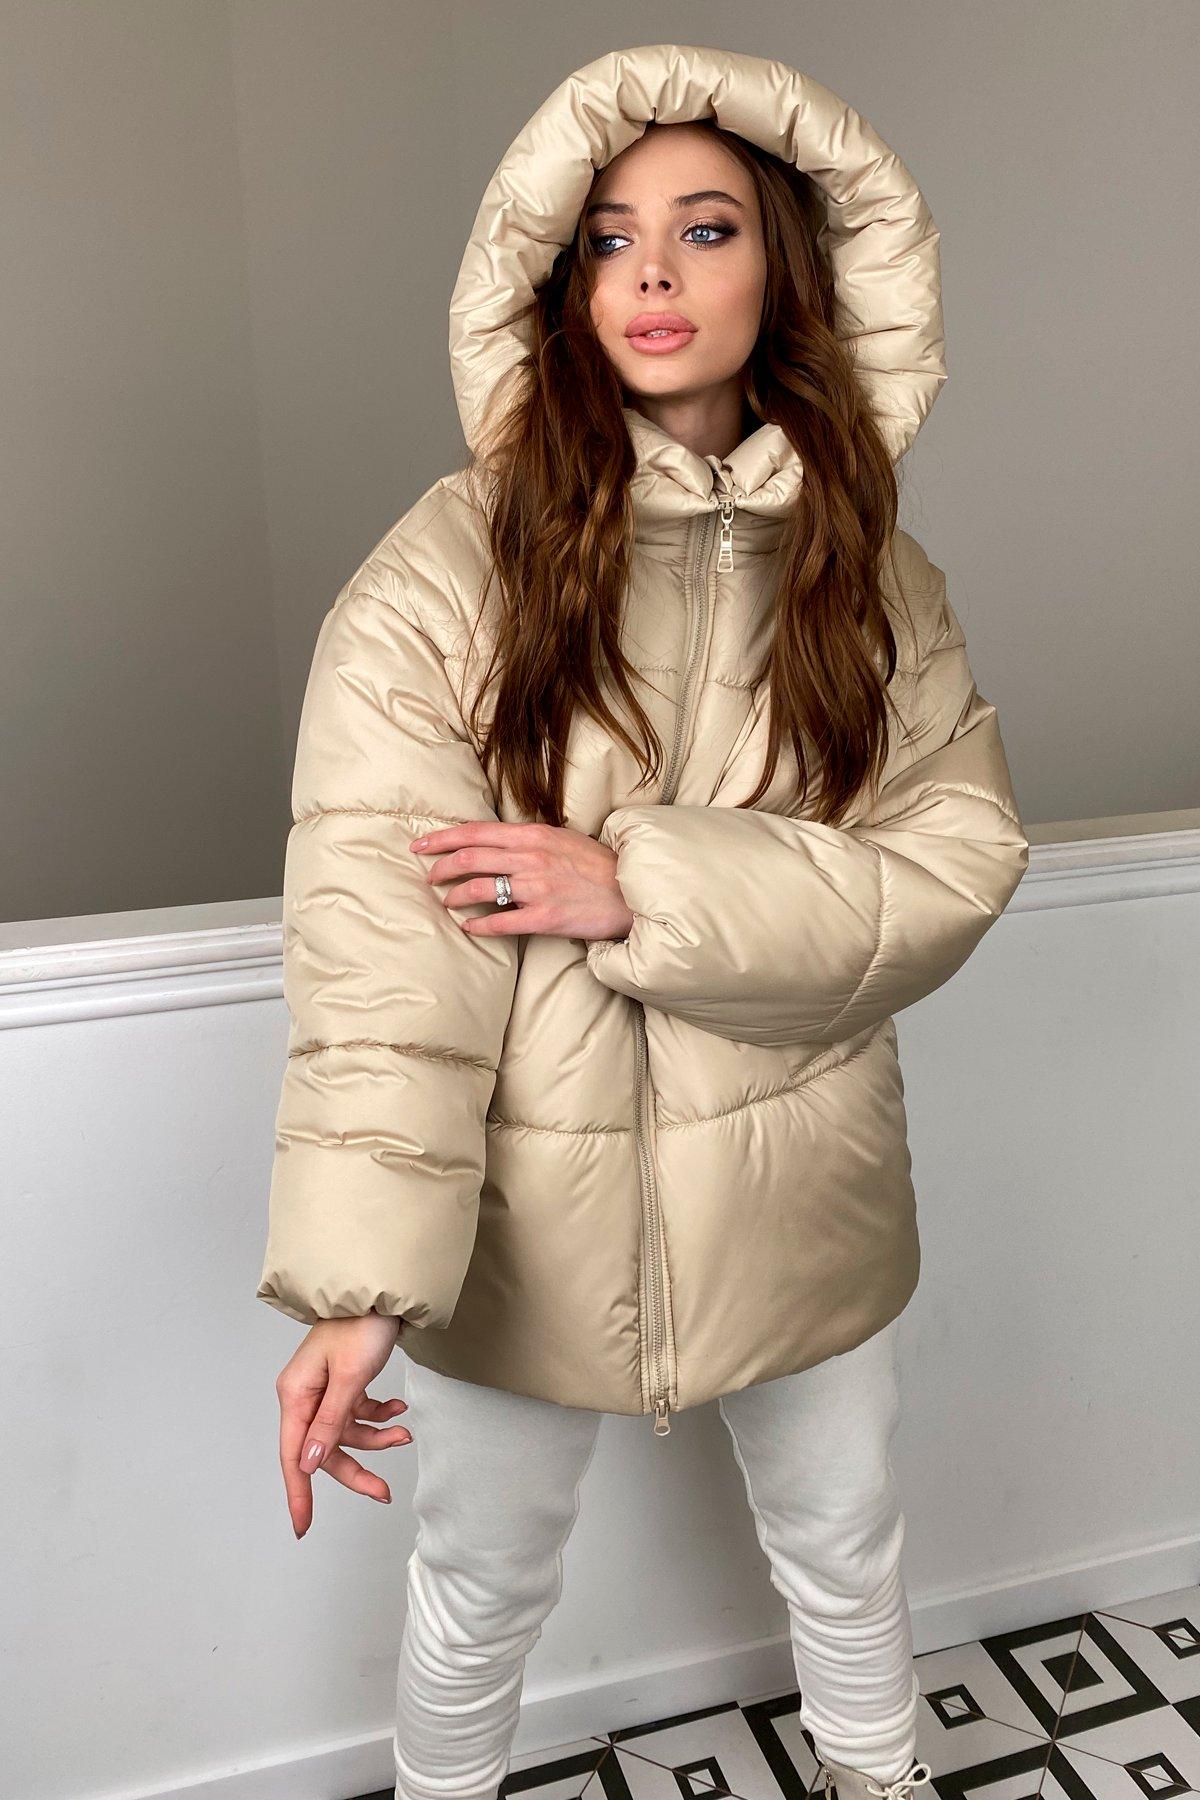 куртка женская купить  Овертайм  теплый пуховик из матовой плащевой ткани 10245